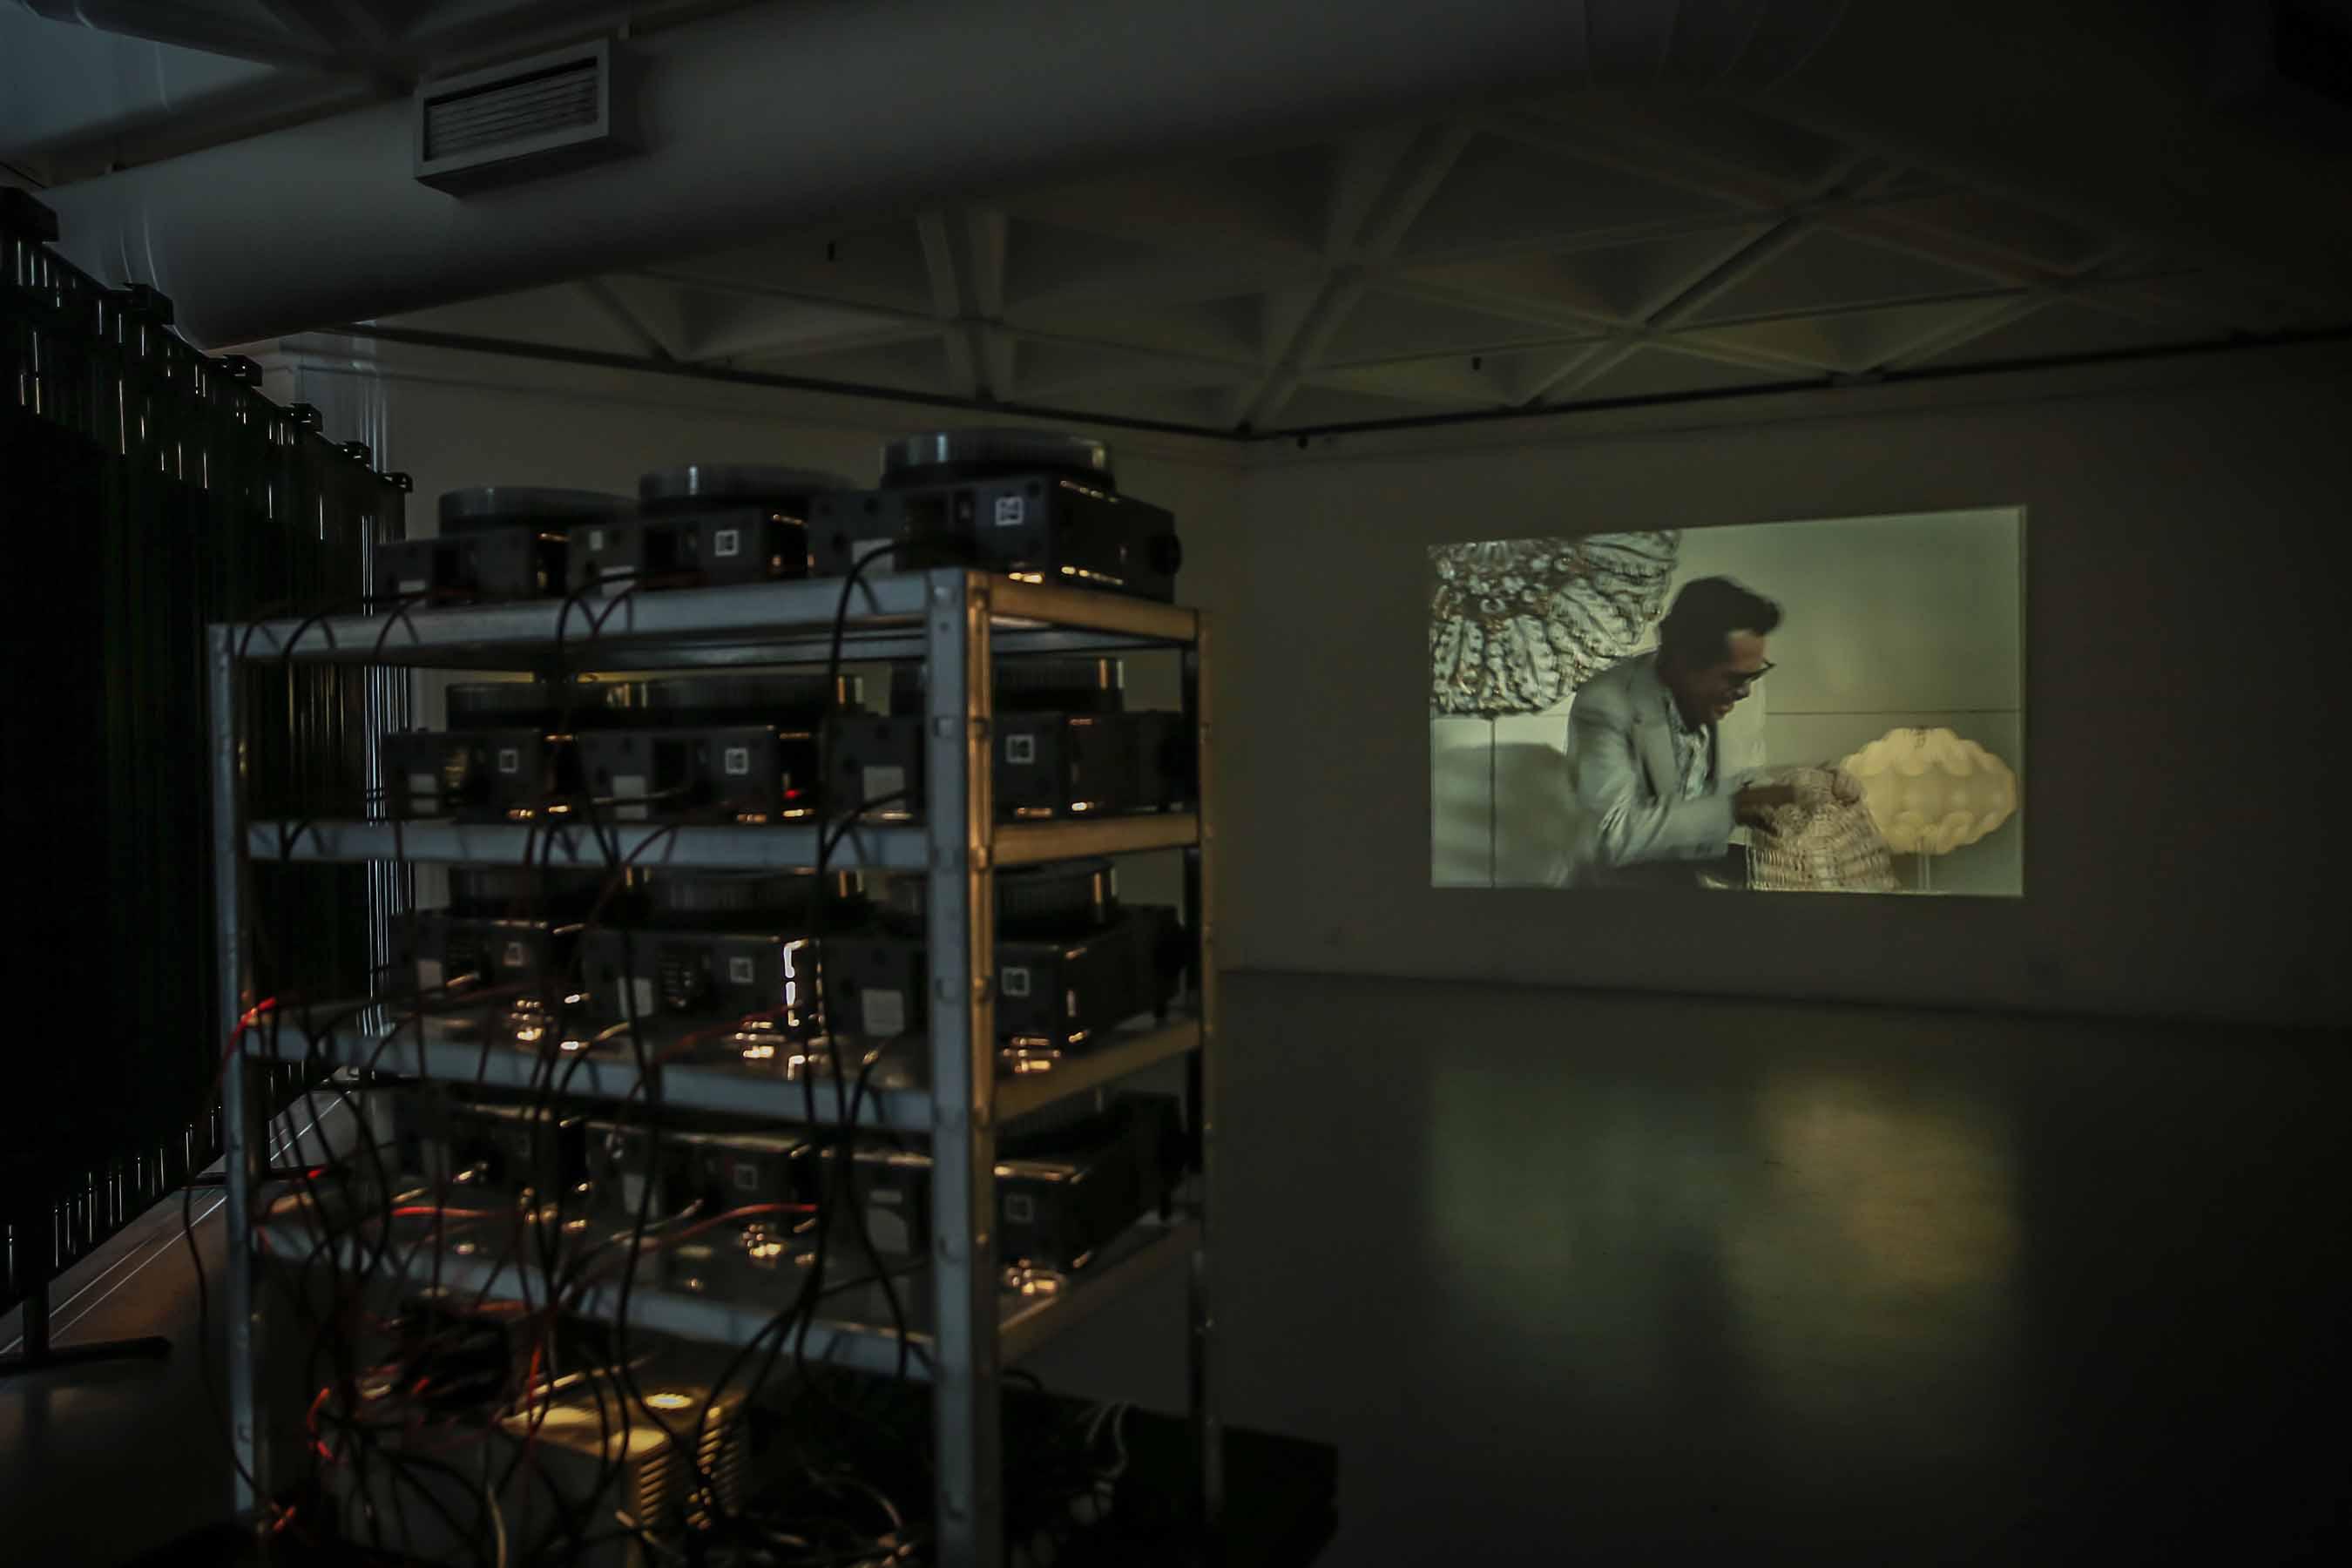 <i>《Slide Movie》</i> Gebhard Sengmϋller